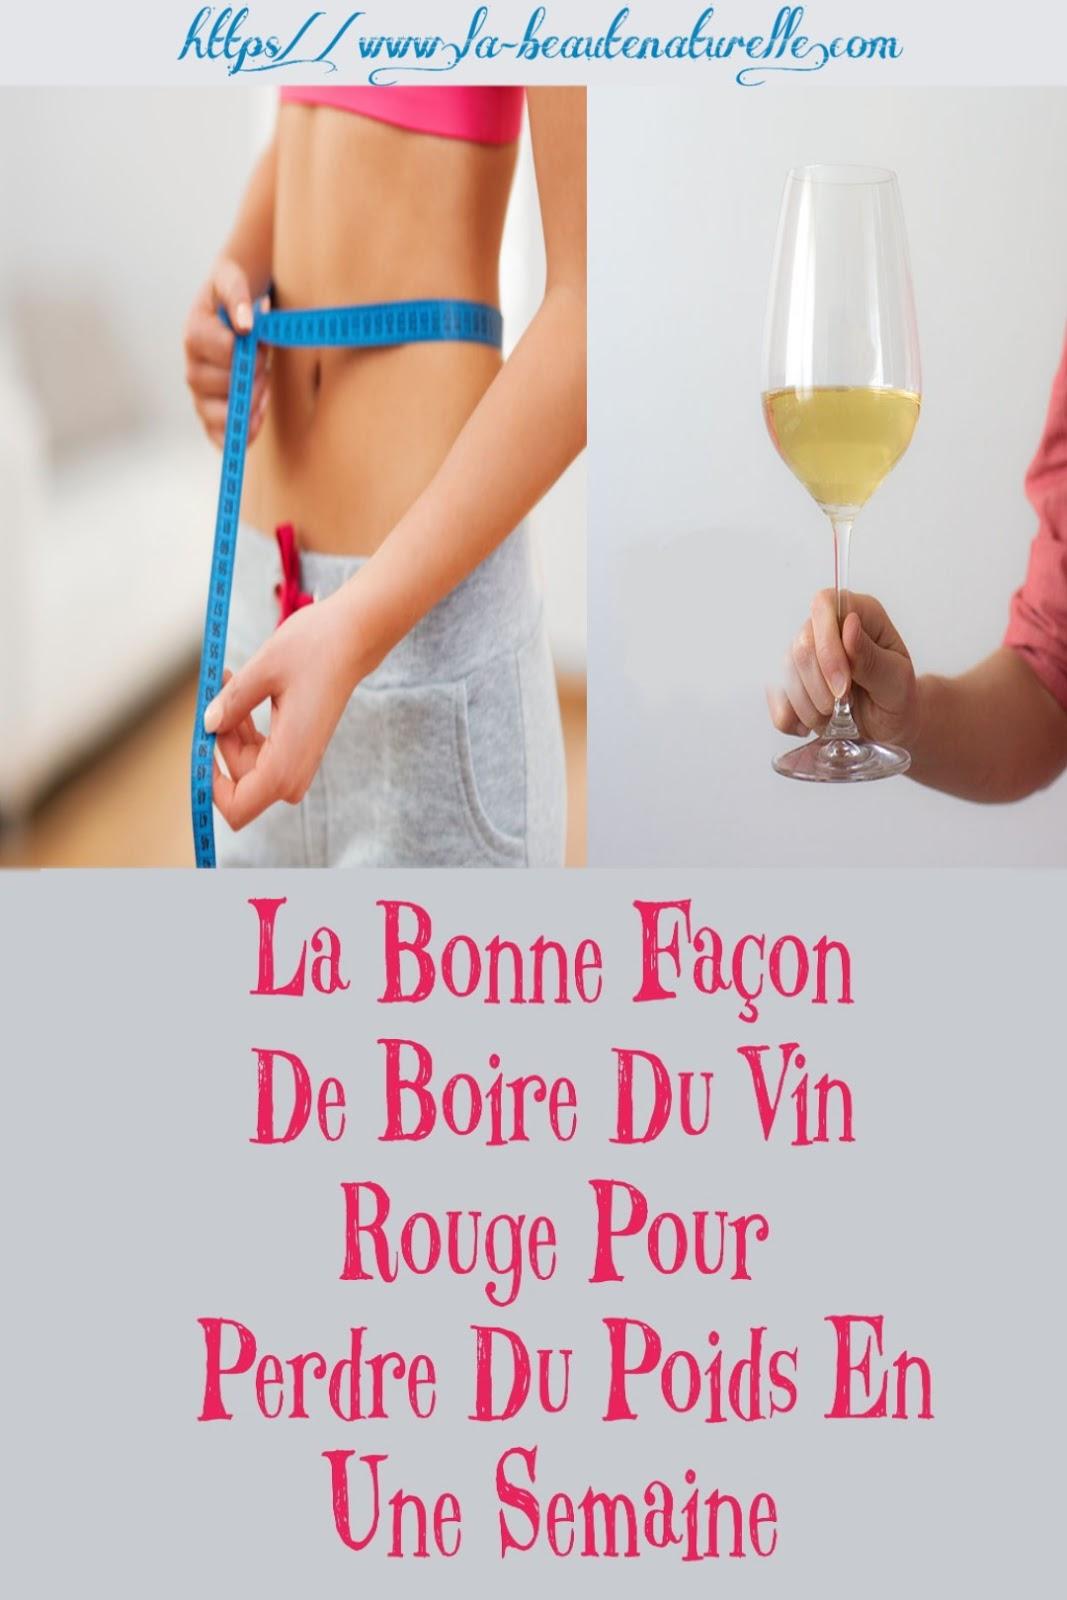 La Bonne Façon De Boire Du Vin Rouge Pour Perdre Du Poids En Une Semaine